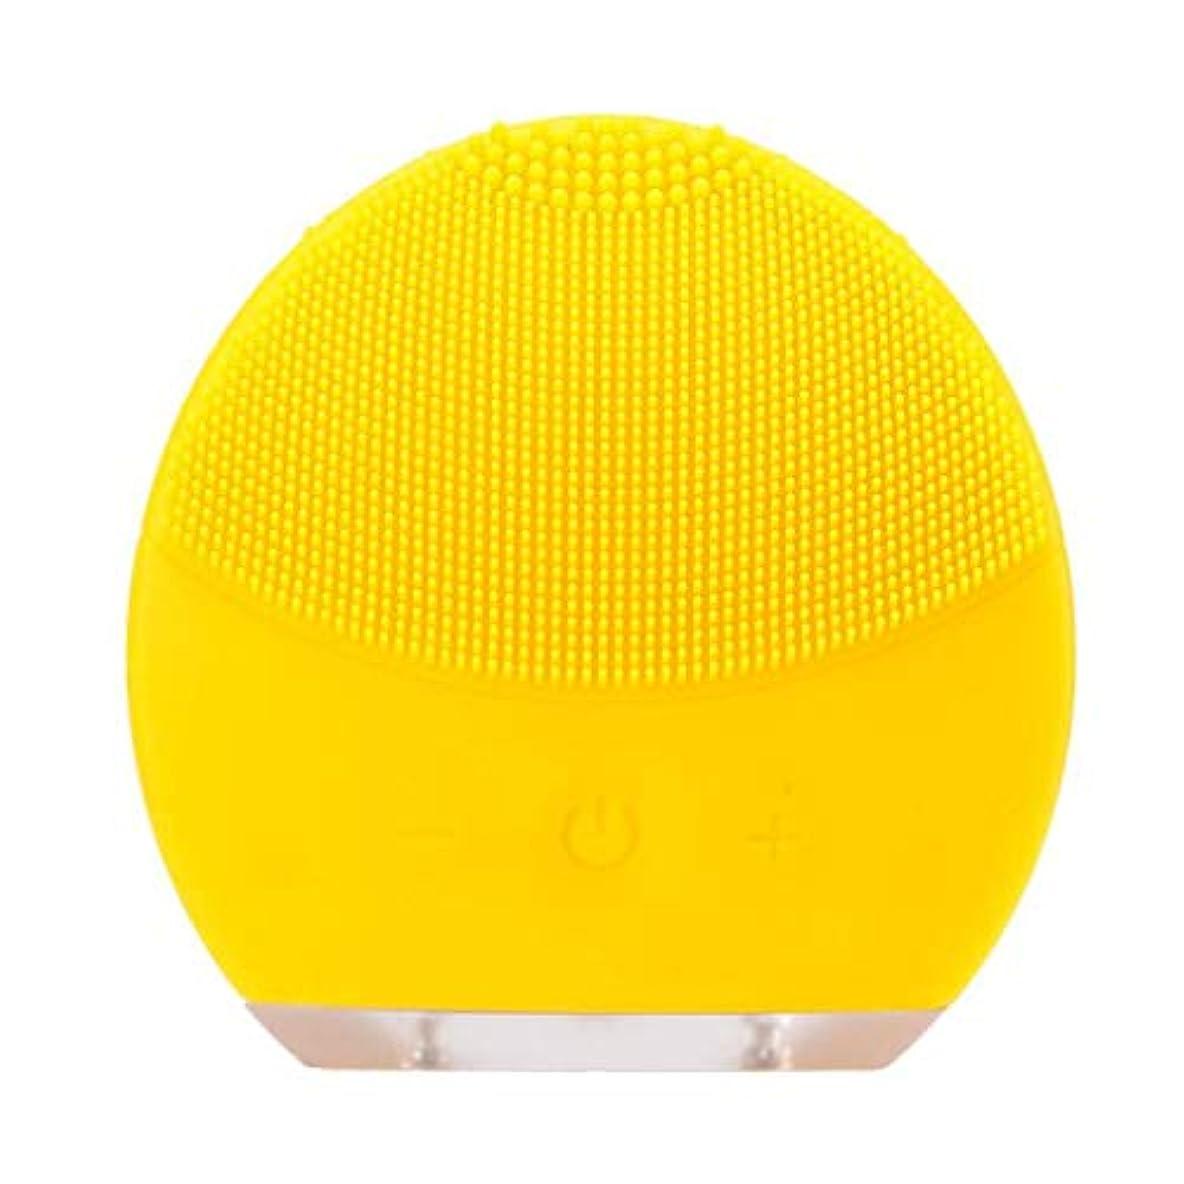 推定検出可能電話をかける超音波振動美容機器洗浄器、皮膚の毛穴を最小限に抑えるマイクロダーマブレーション毛穴、USB 充電と防水,Yellow